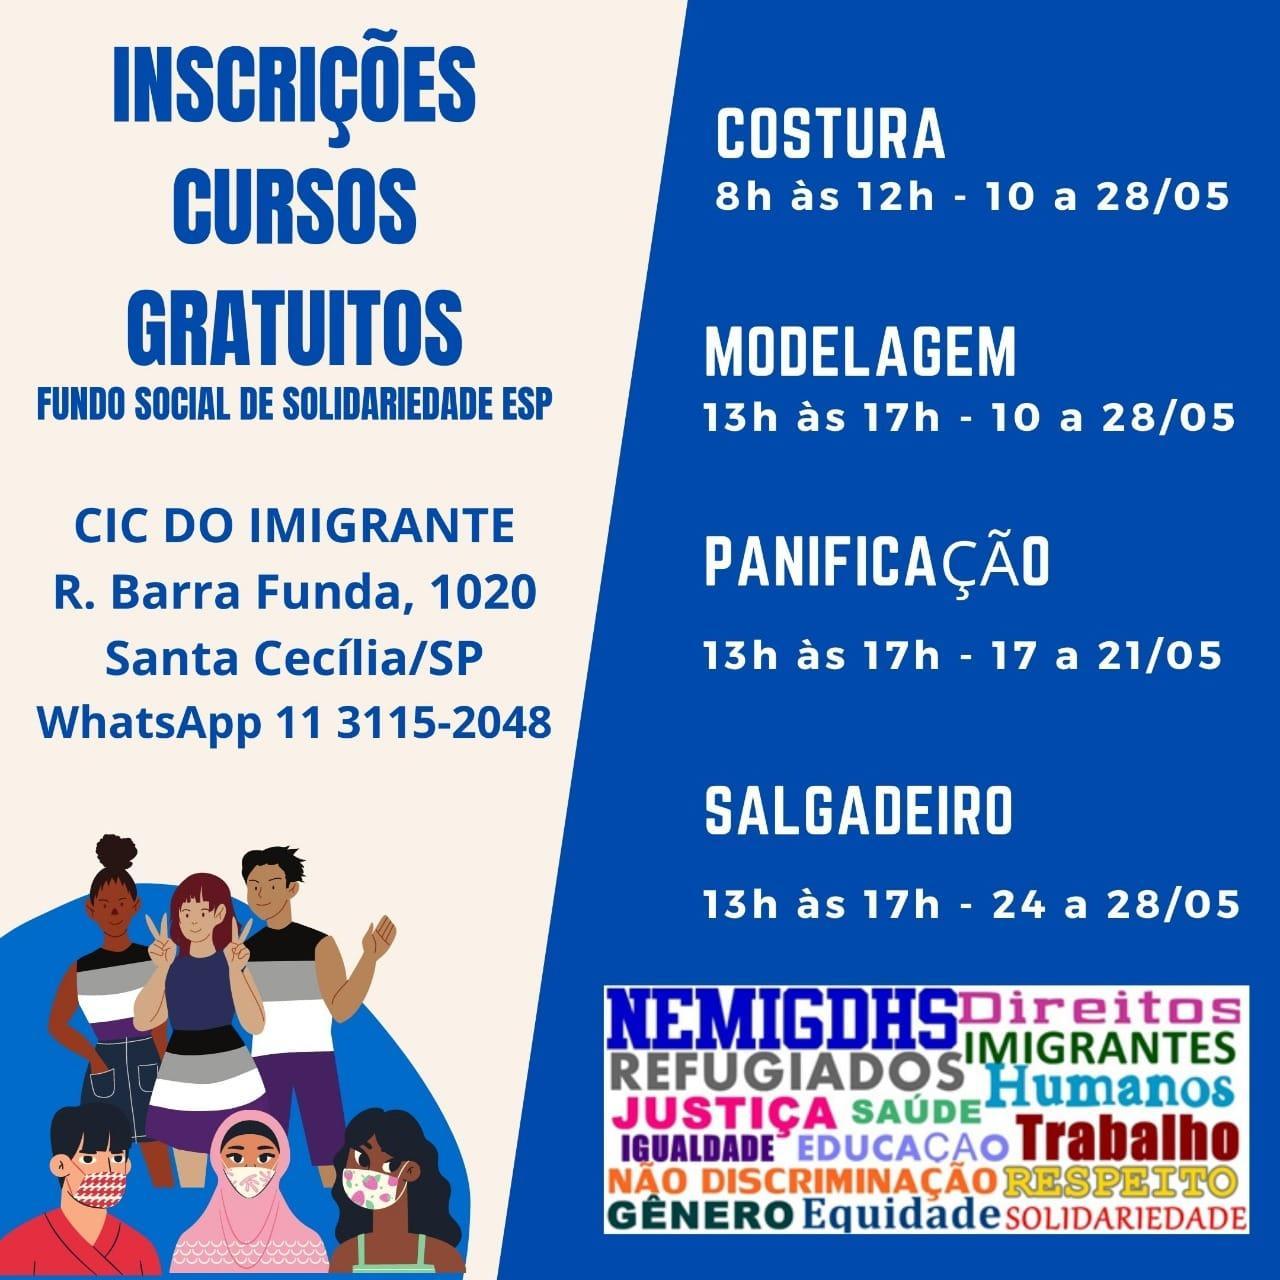 Cursos gratuitos para imigrantes e refugiados